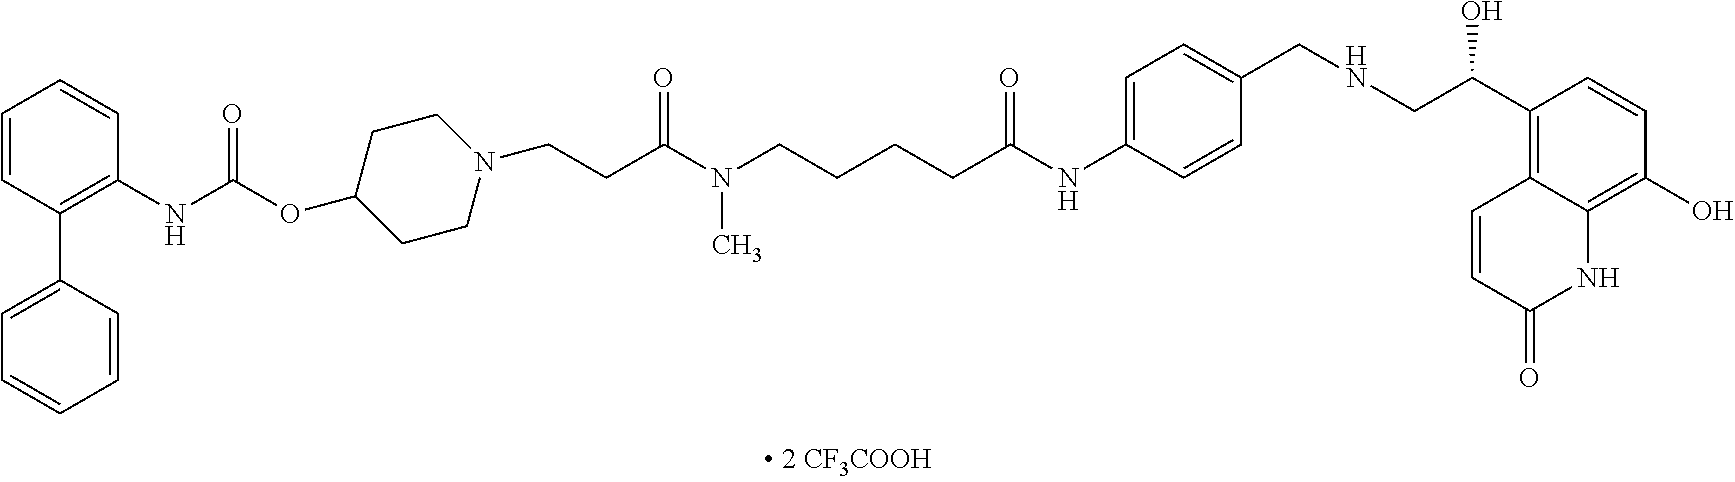 Figure US10138220-20181127-C00259